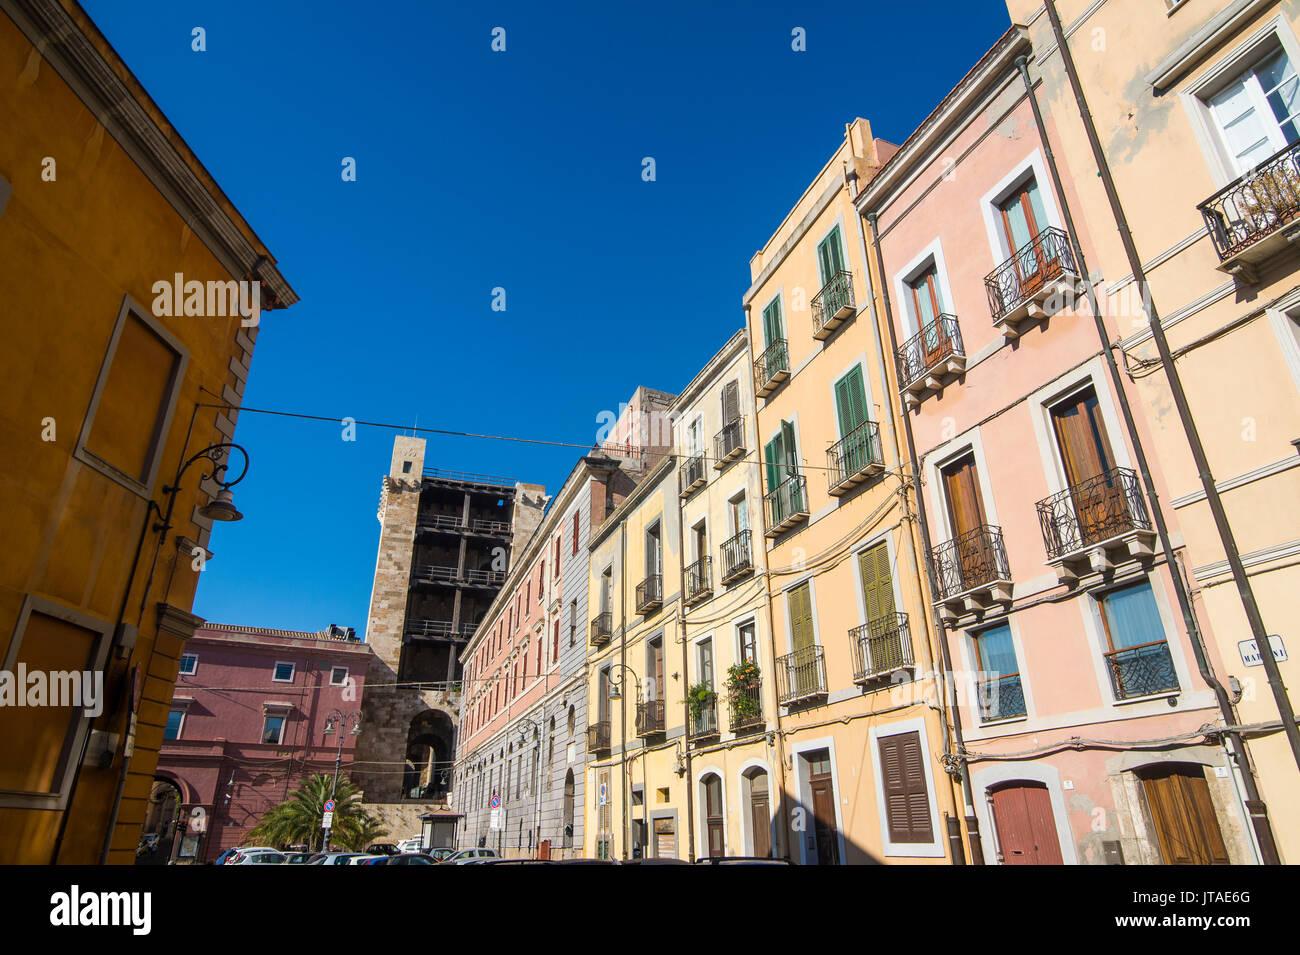 Casas antiguas en el casco antiguo de la ciudad de Cagliari, Cerdeña, Italia, Europa Imagen De Stock